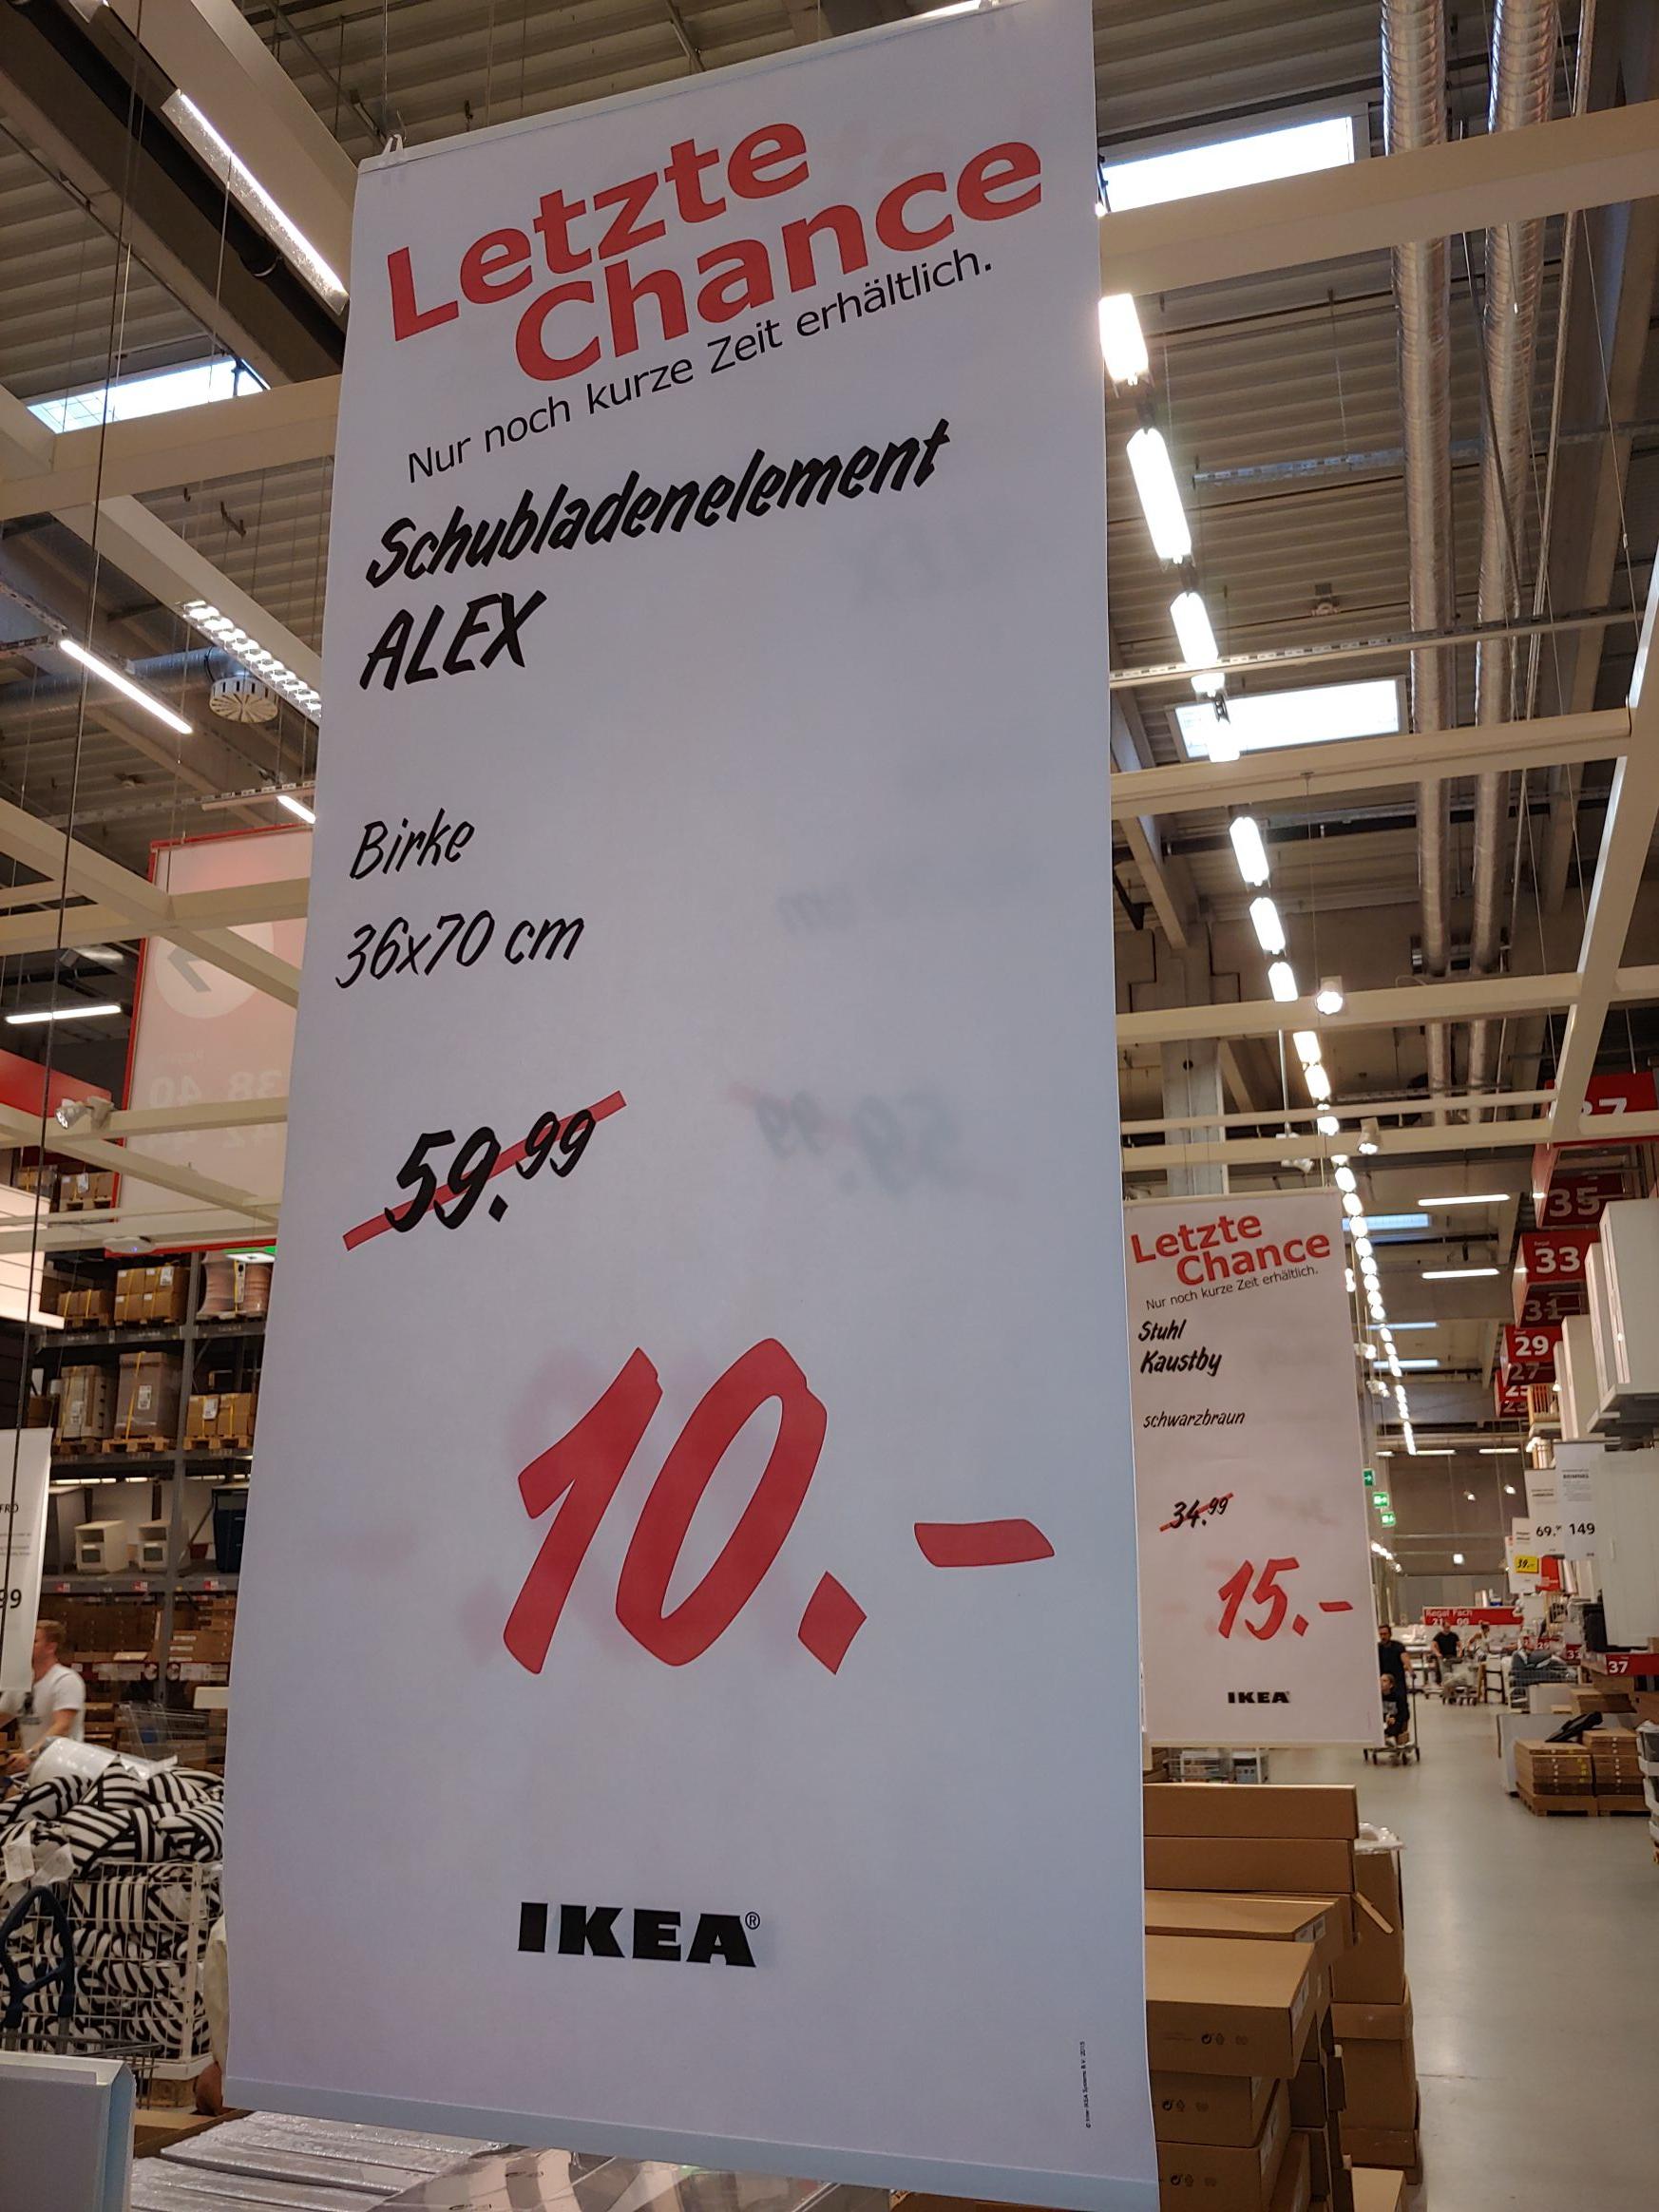 (Ikea Berlin-Lichtenberg) Schubladenelement ALEX, Birke, 36x70